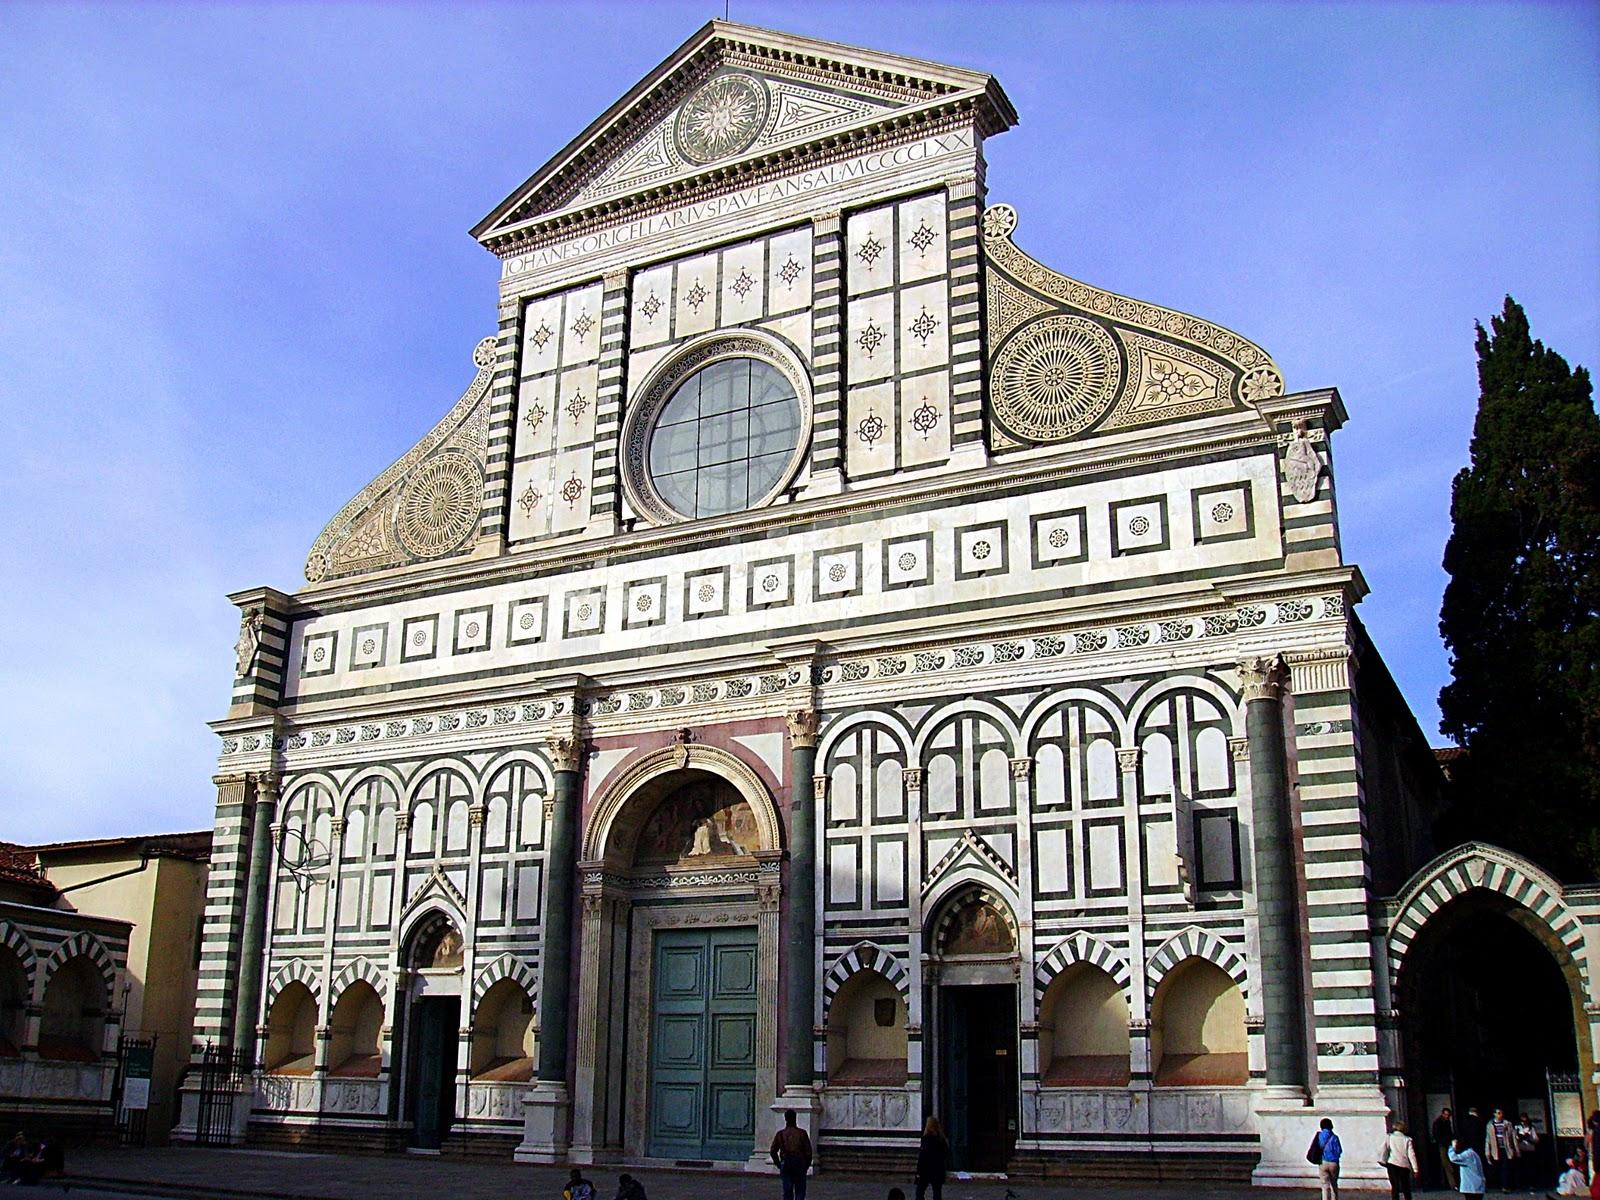 Базилика Санта-Мария-Новелла (Basilica di Santa Maria Novella)